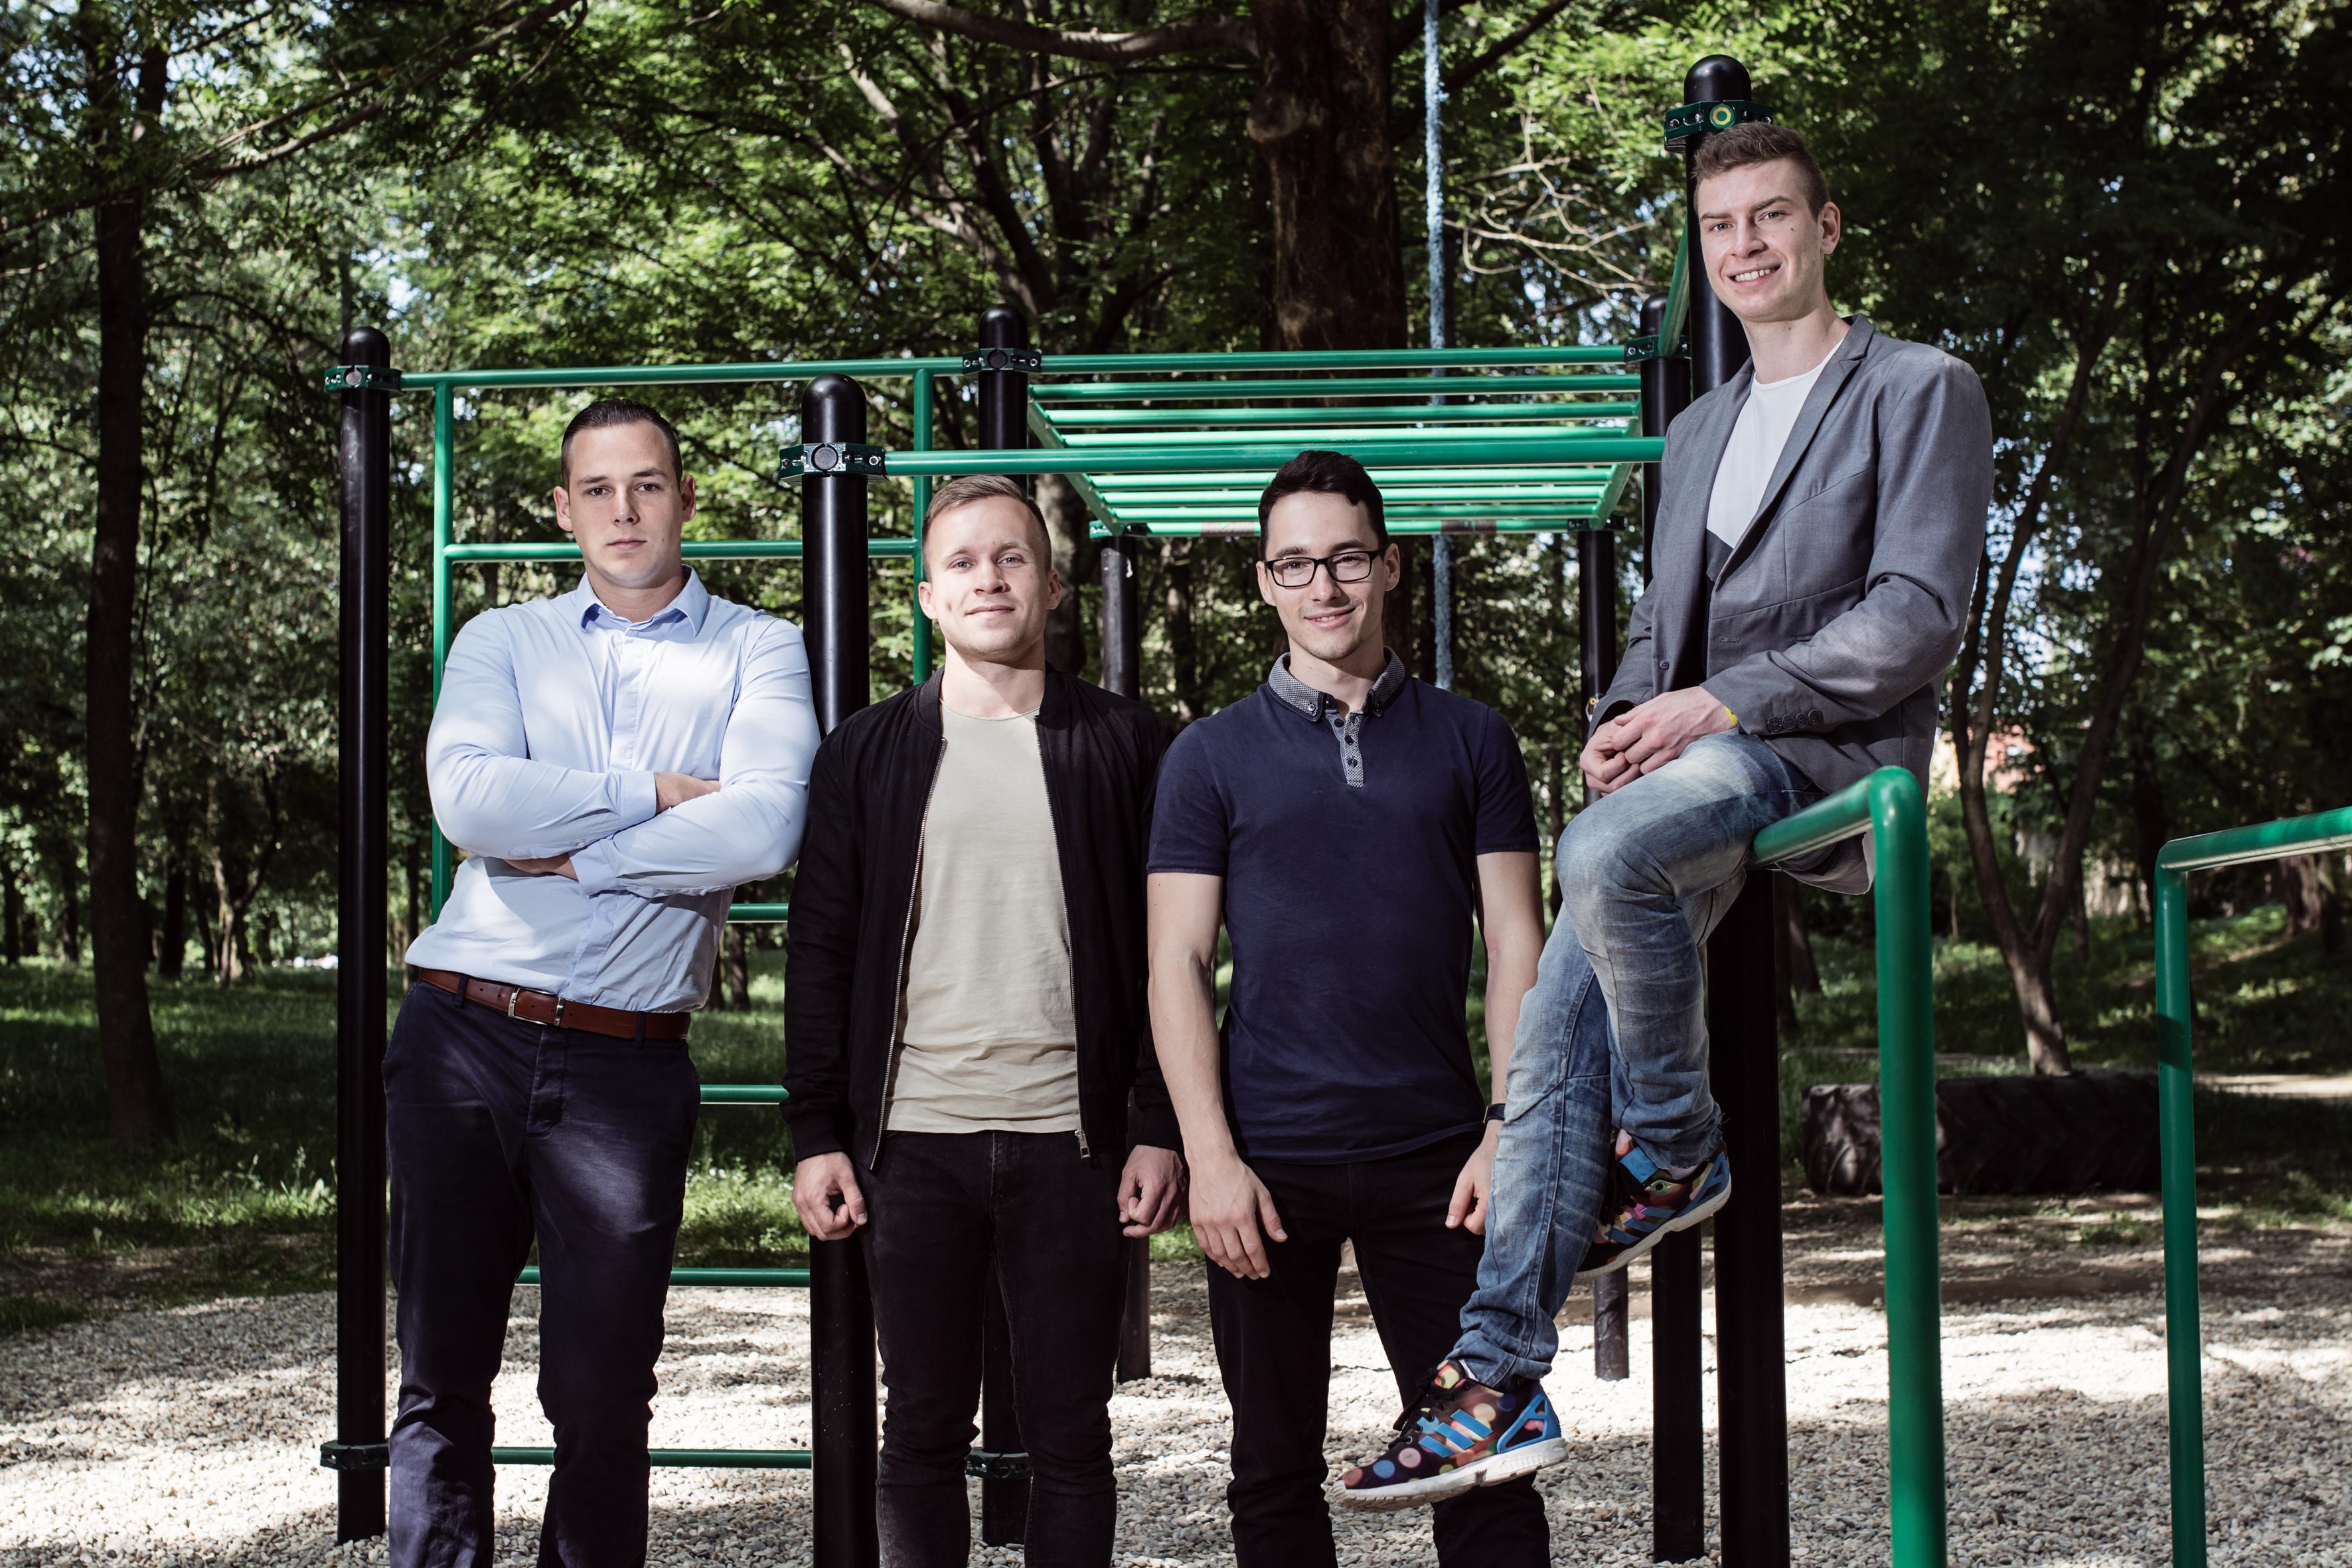 OCTAGO zakladatelia: Timo, Maťo, Dušky, Marko